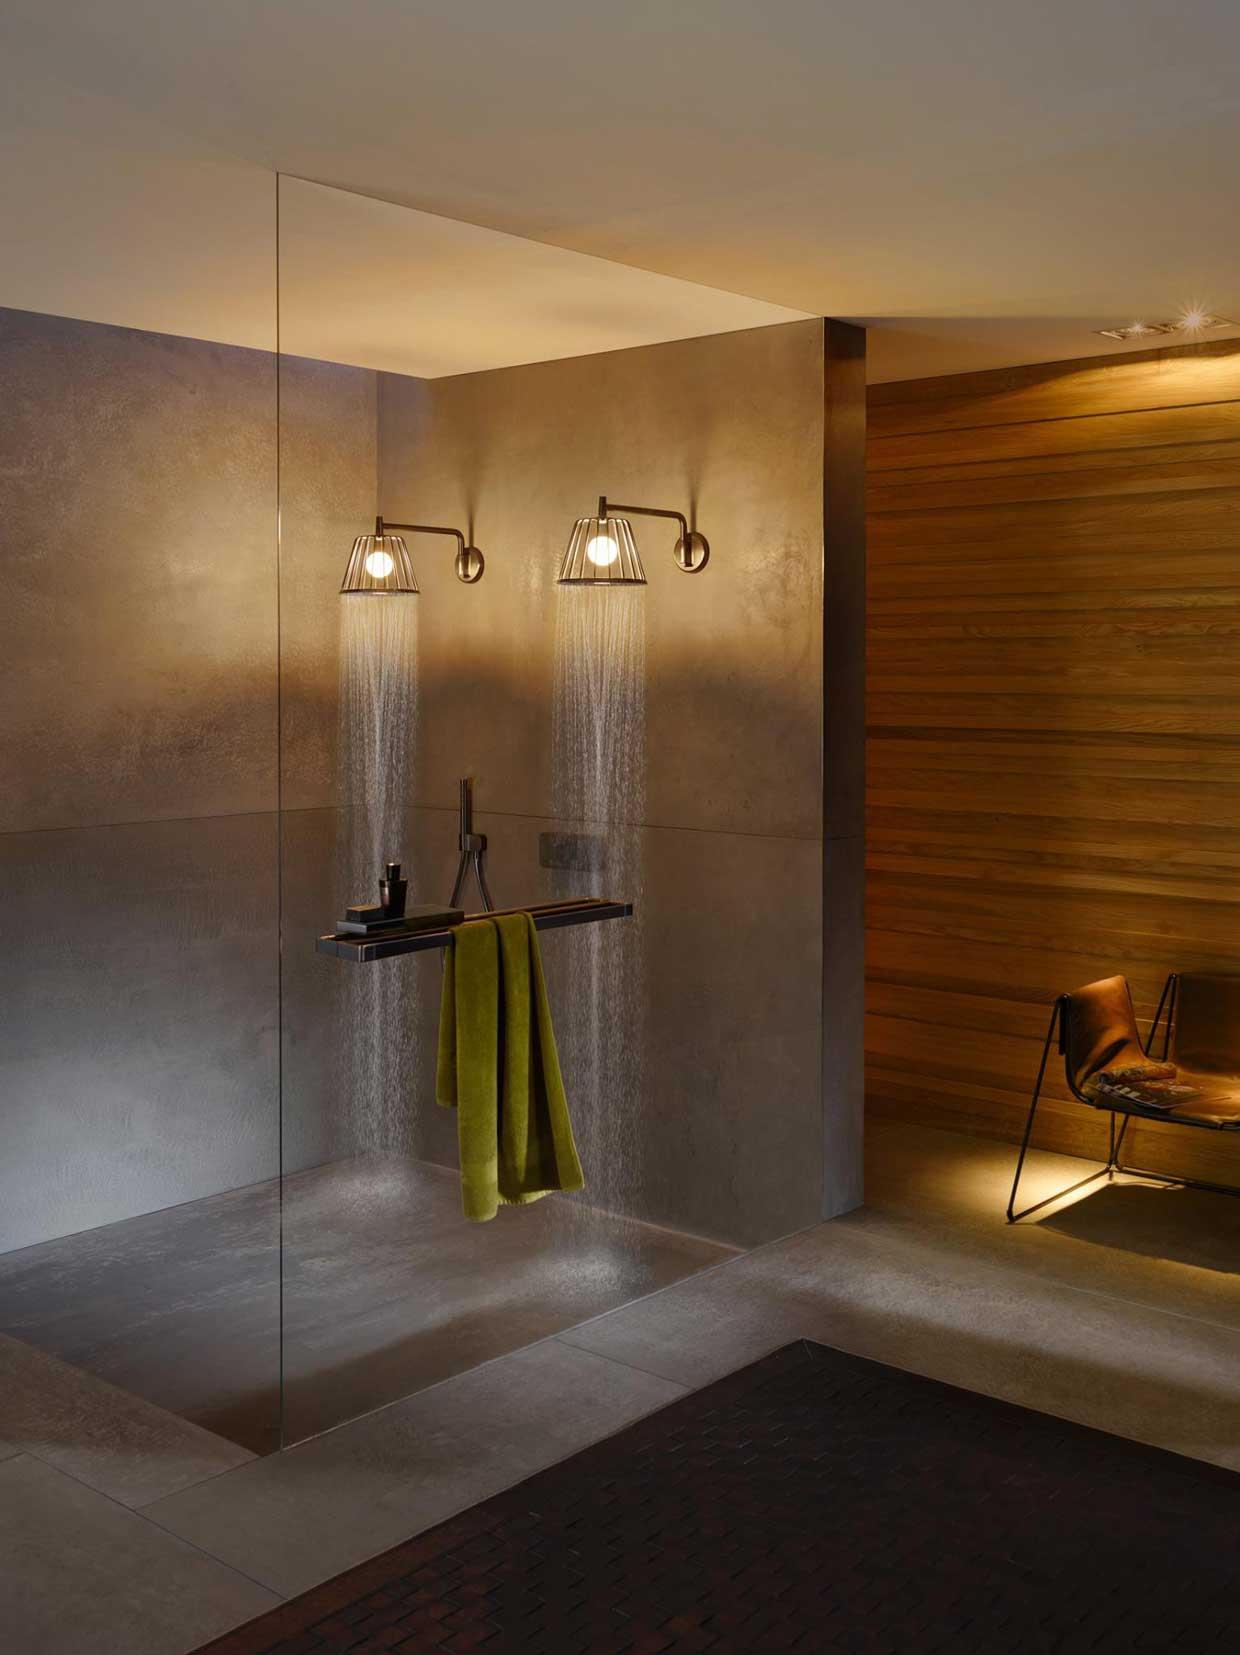 axor lamp shower by nendo fyhwl. Black Bedroom Furniture Sets. Home Design Ideas